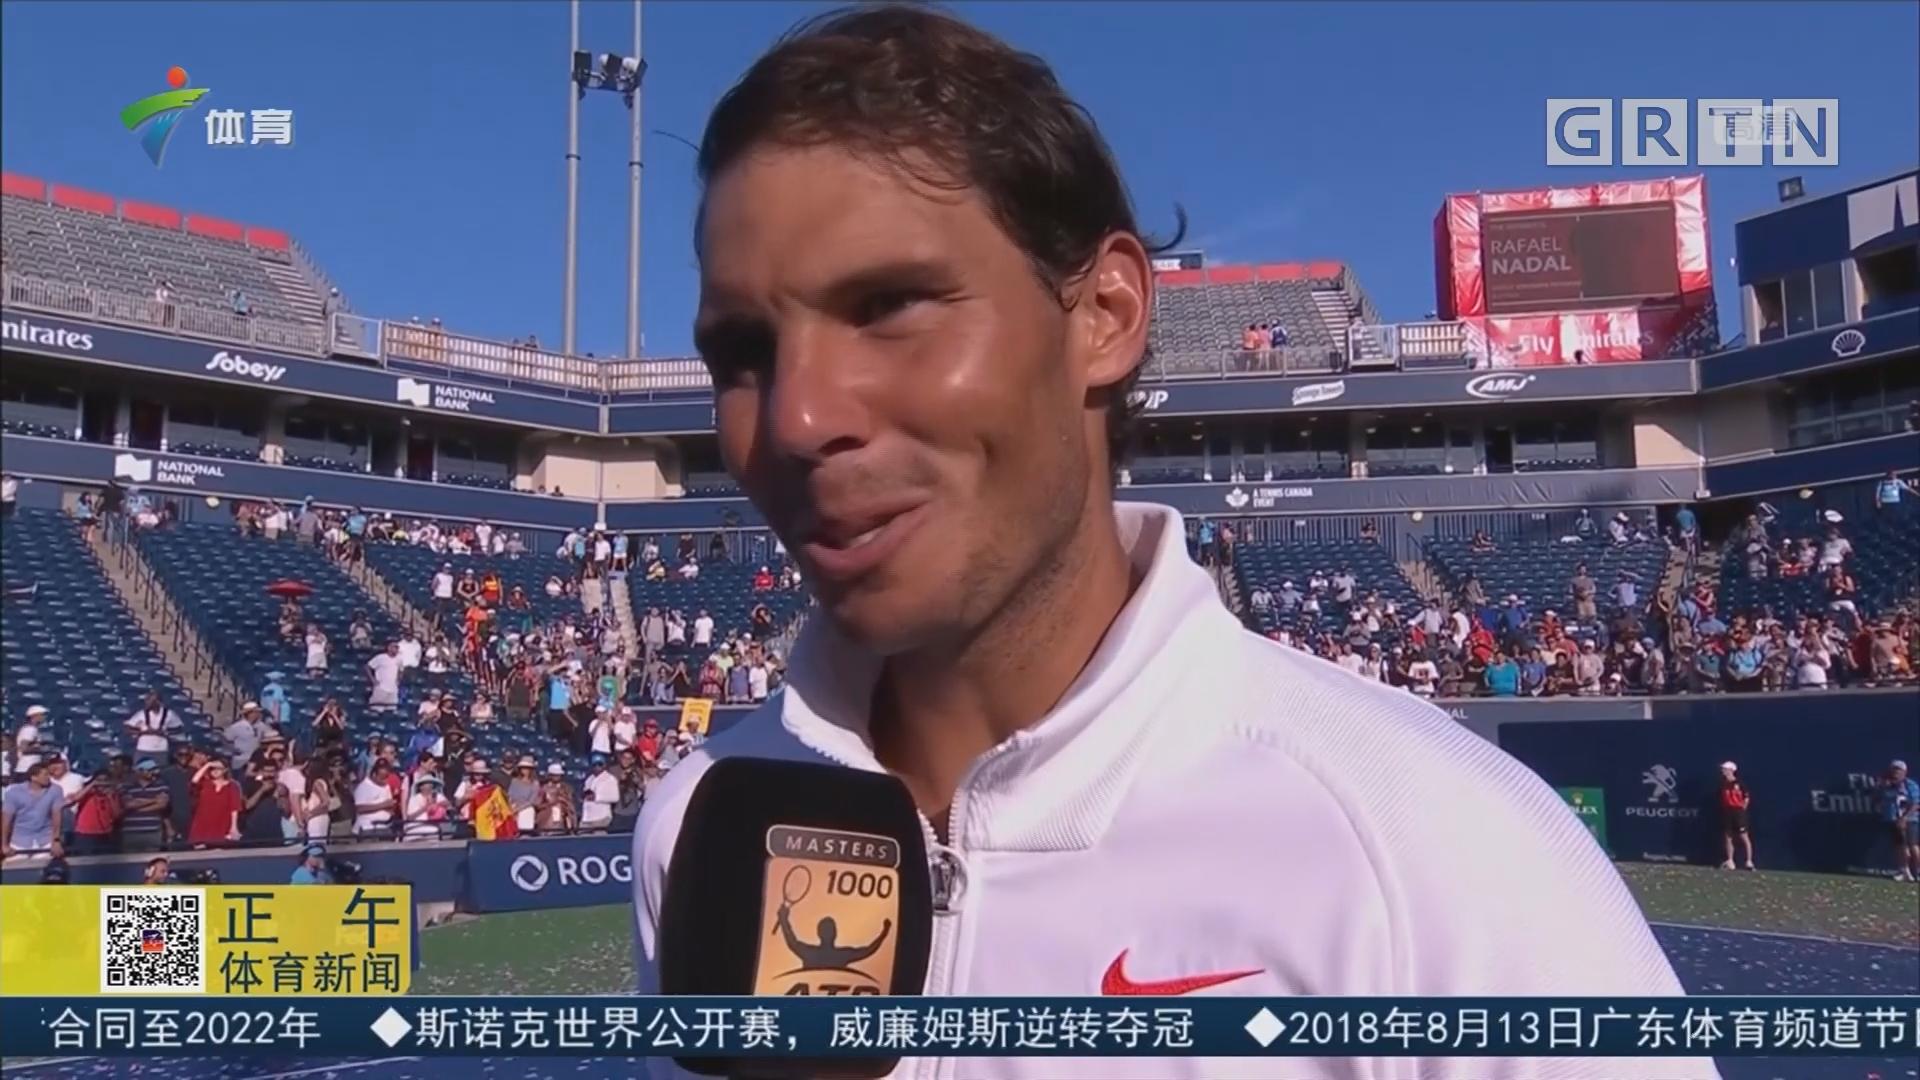 ATP罗杰斯杯 纳达尔战胜西西帕斯夺冠